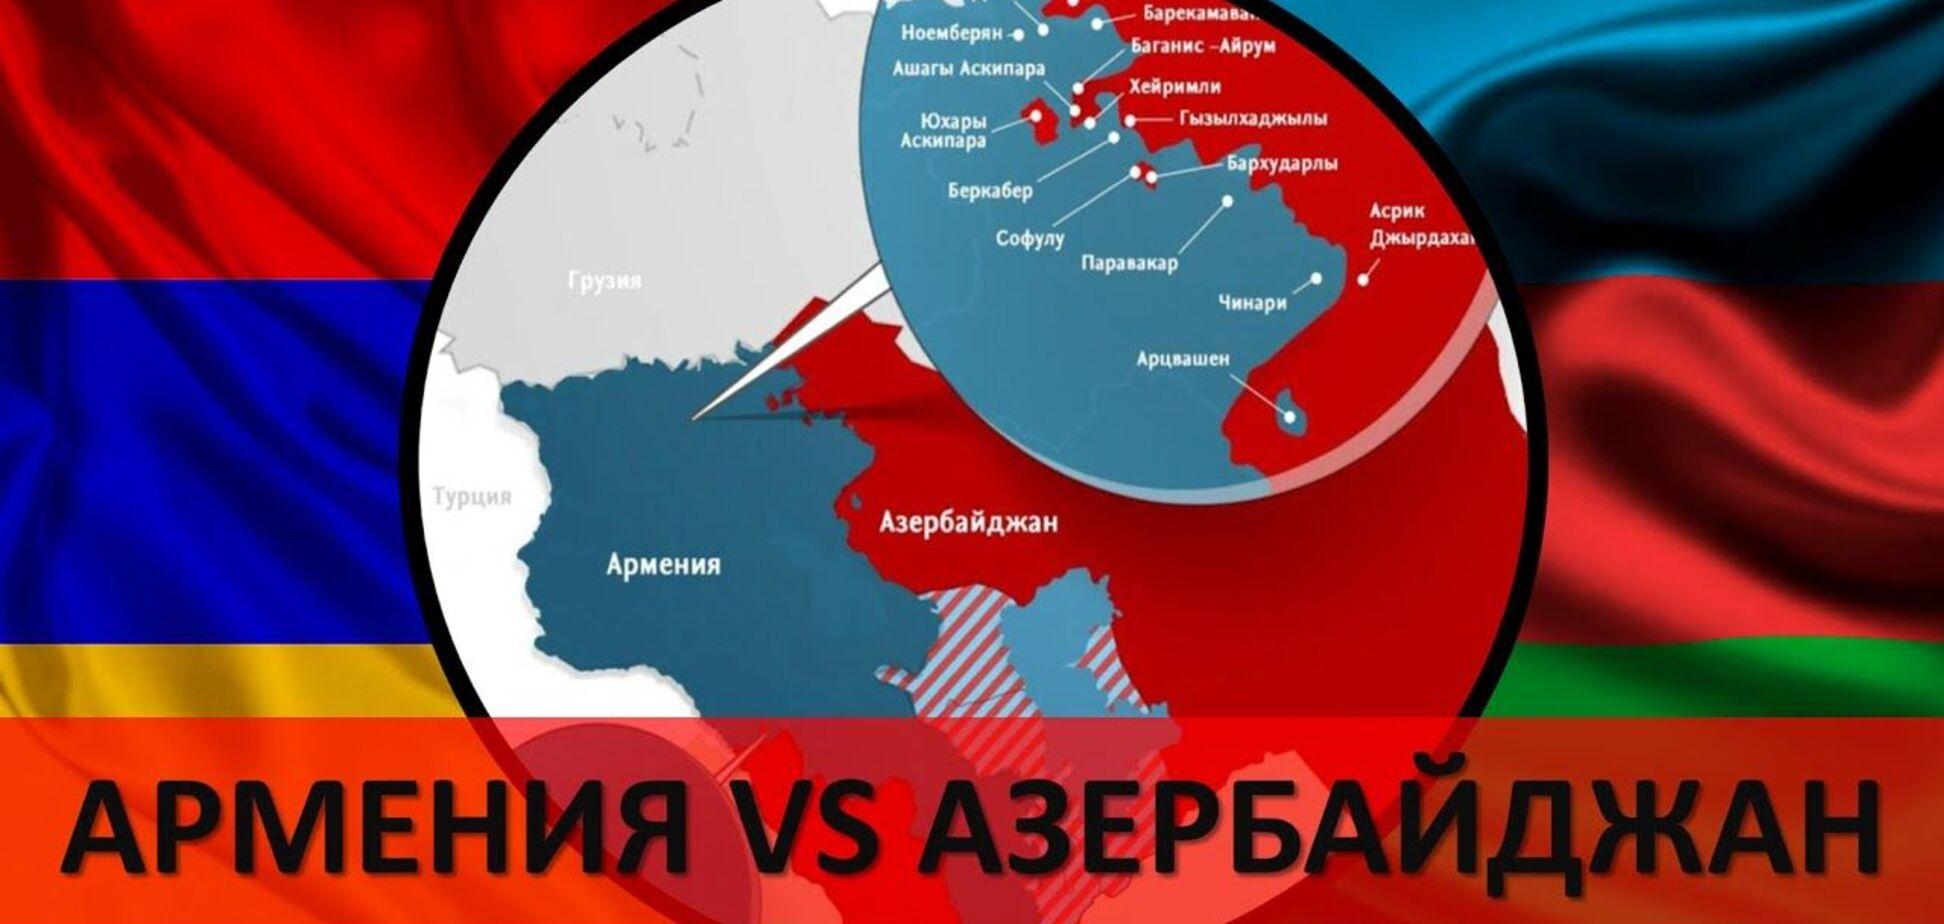 Армяно-Азербайджанская война: суть конфликта